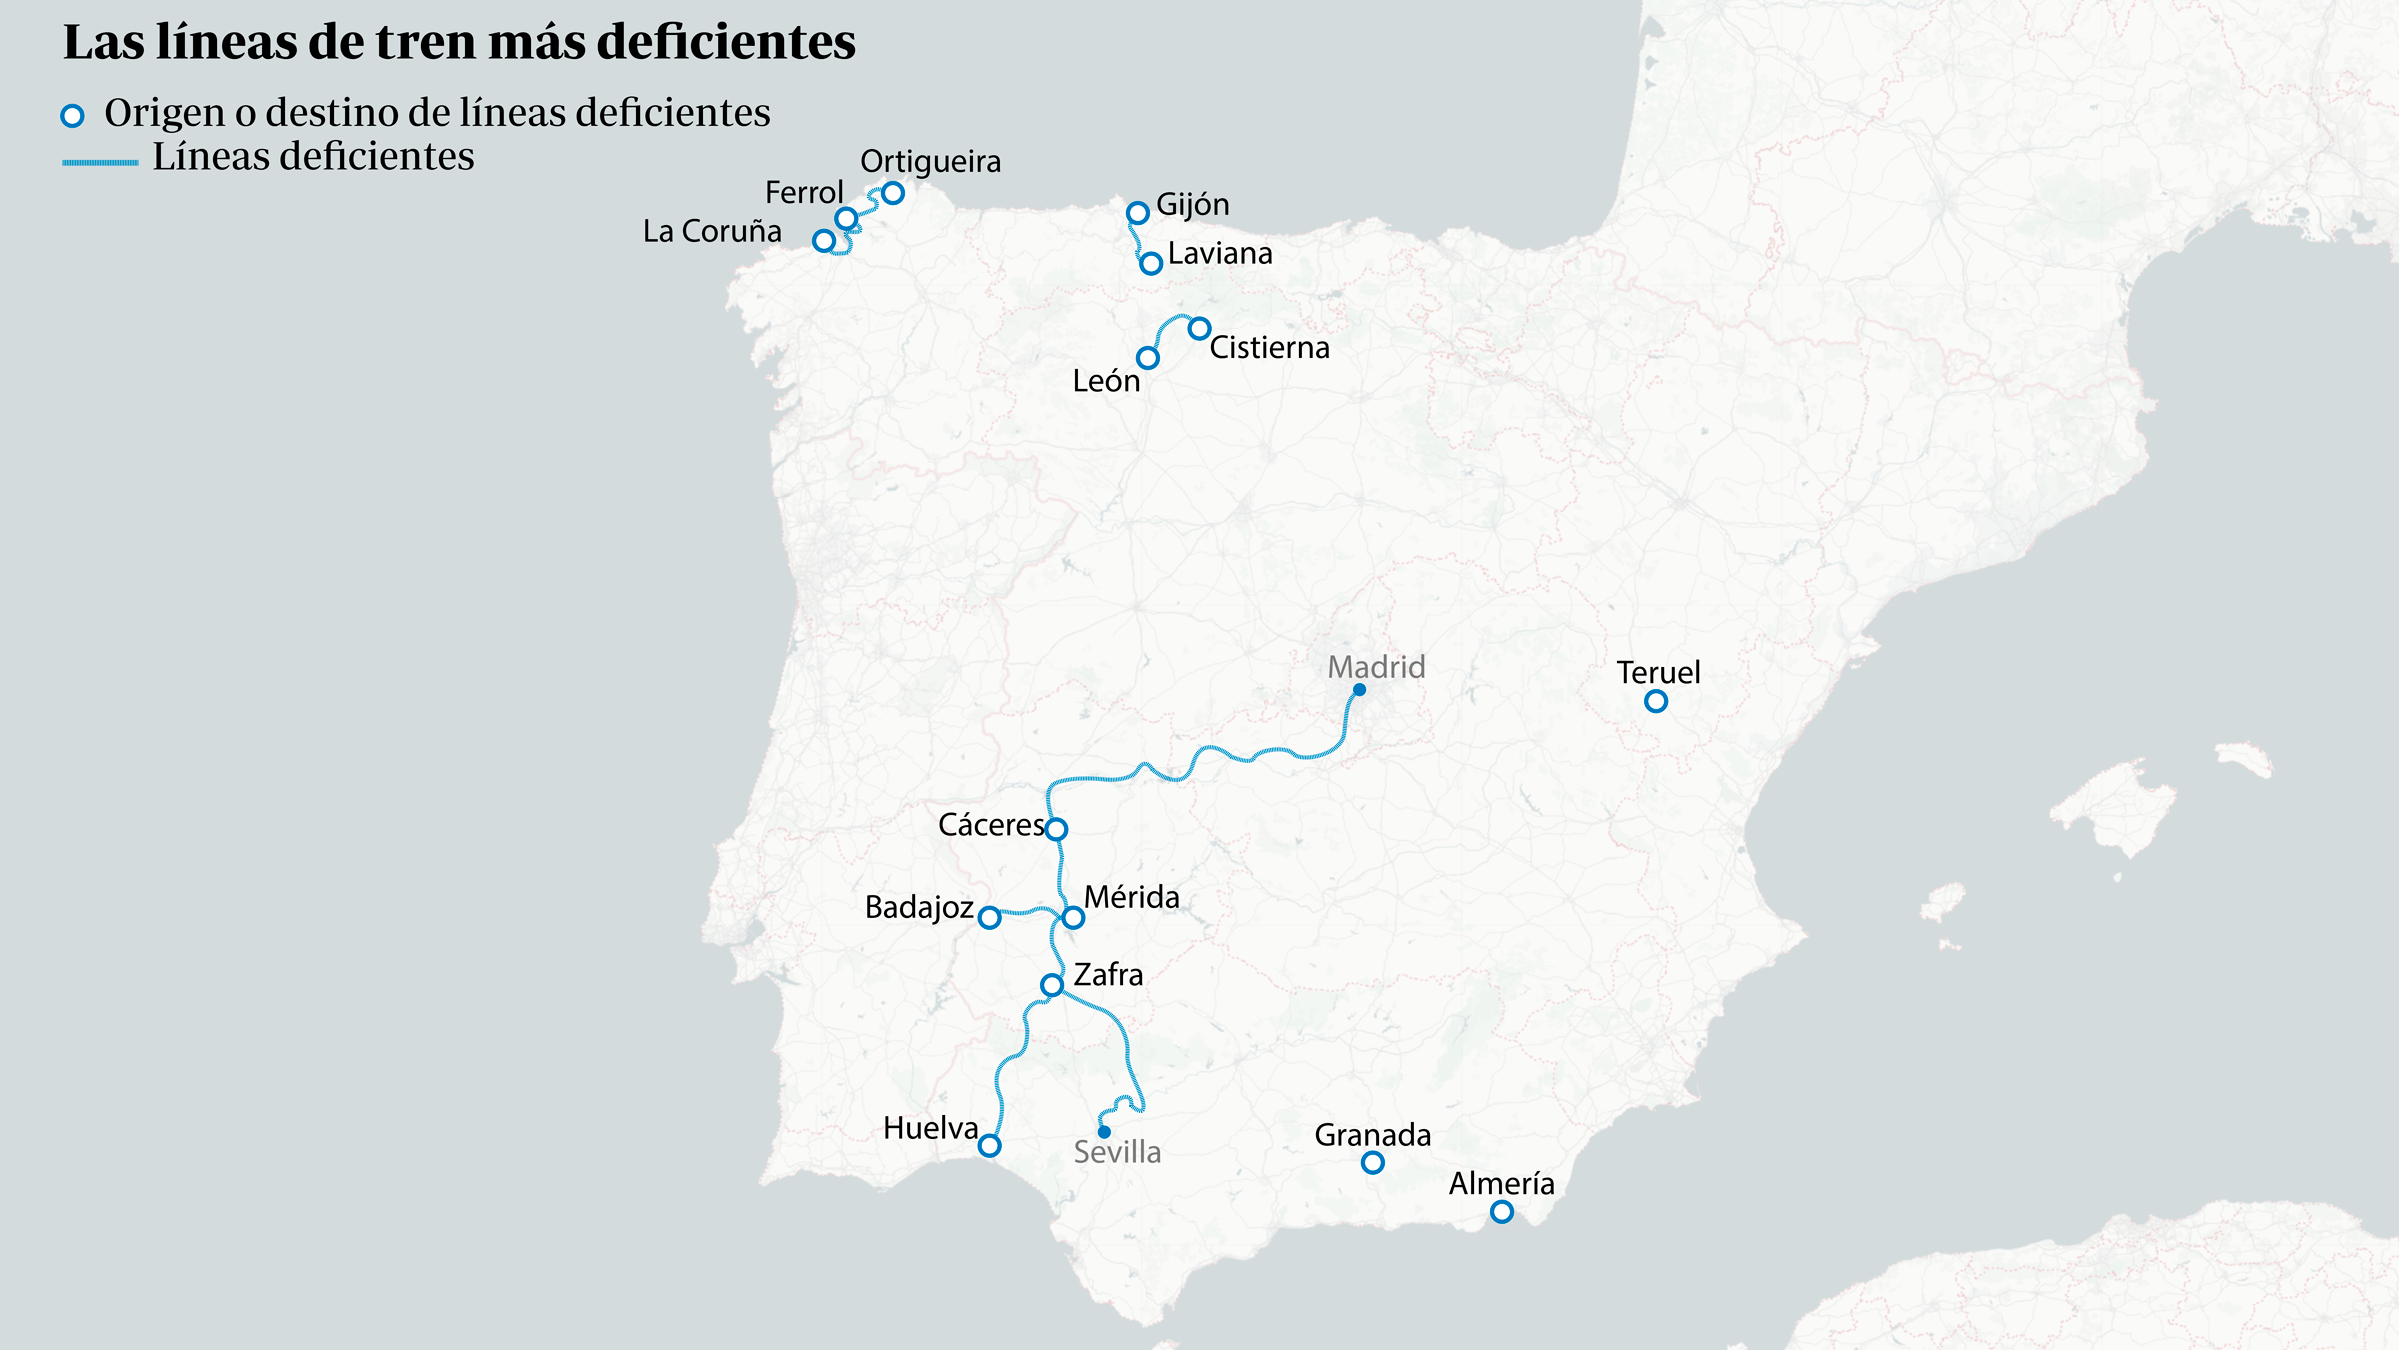 Las líneas de tren más deficientes de España